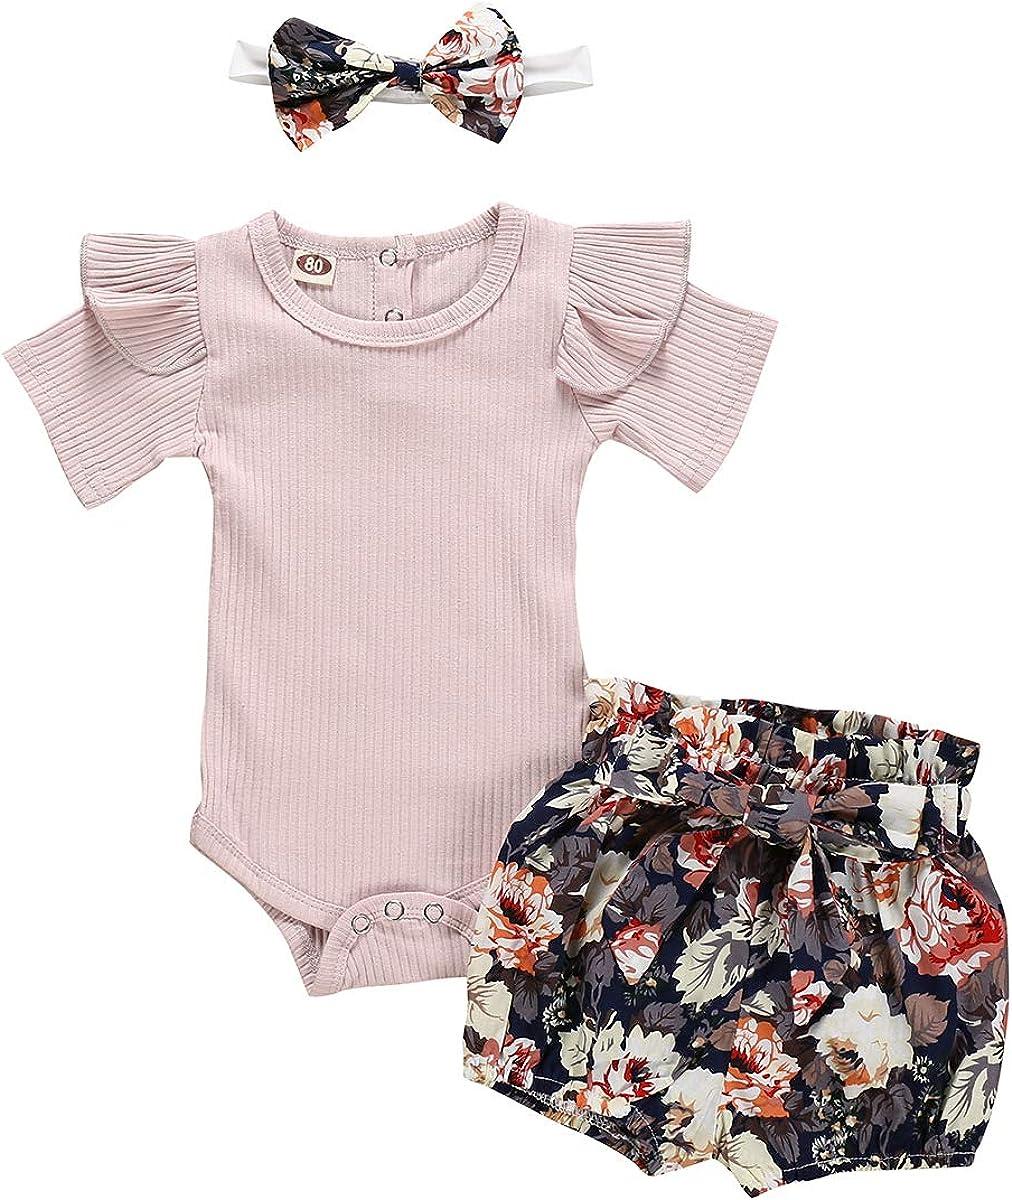 puseky Conjunto de Trajes de Diadema Floral con Volantes y Manga Larga con Volantes para bebés bebés niñas